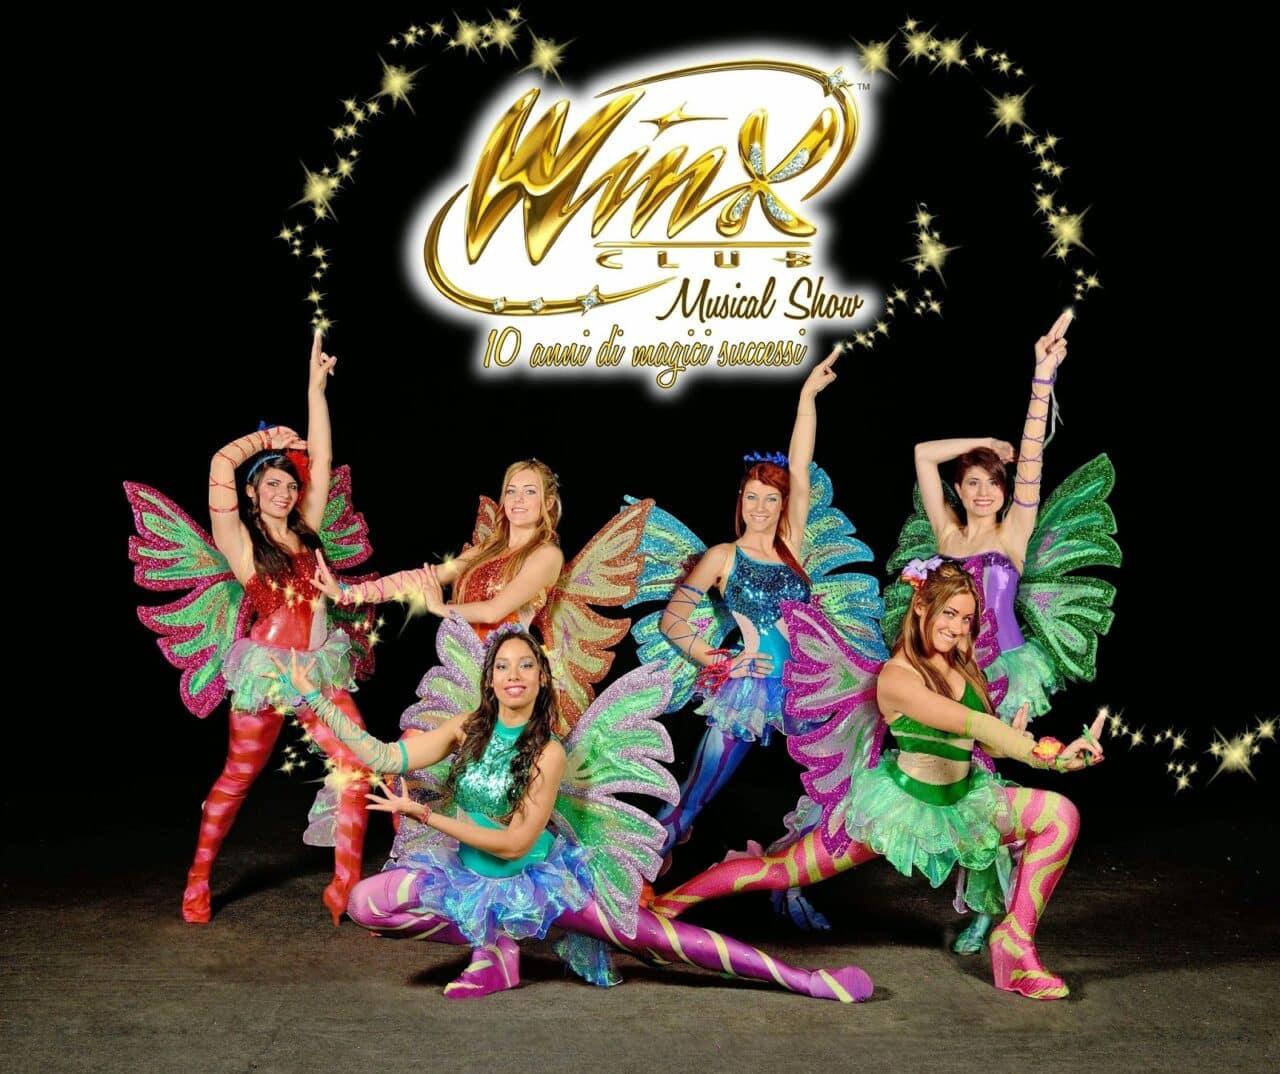 WINX CLUB MUSICAL SHOW al Teatro della Luna